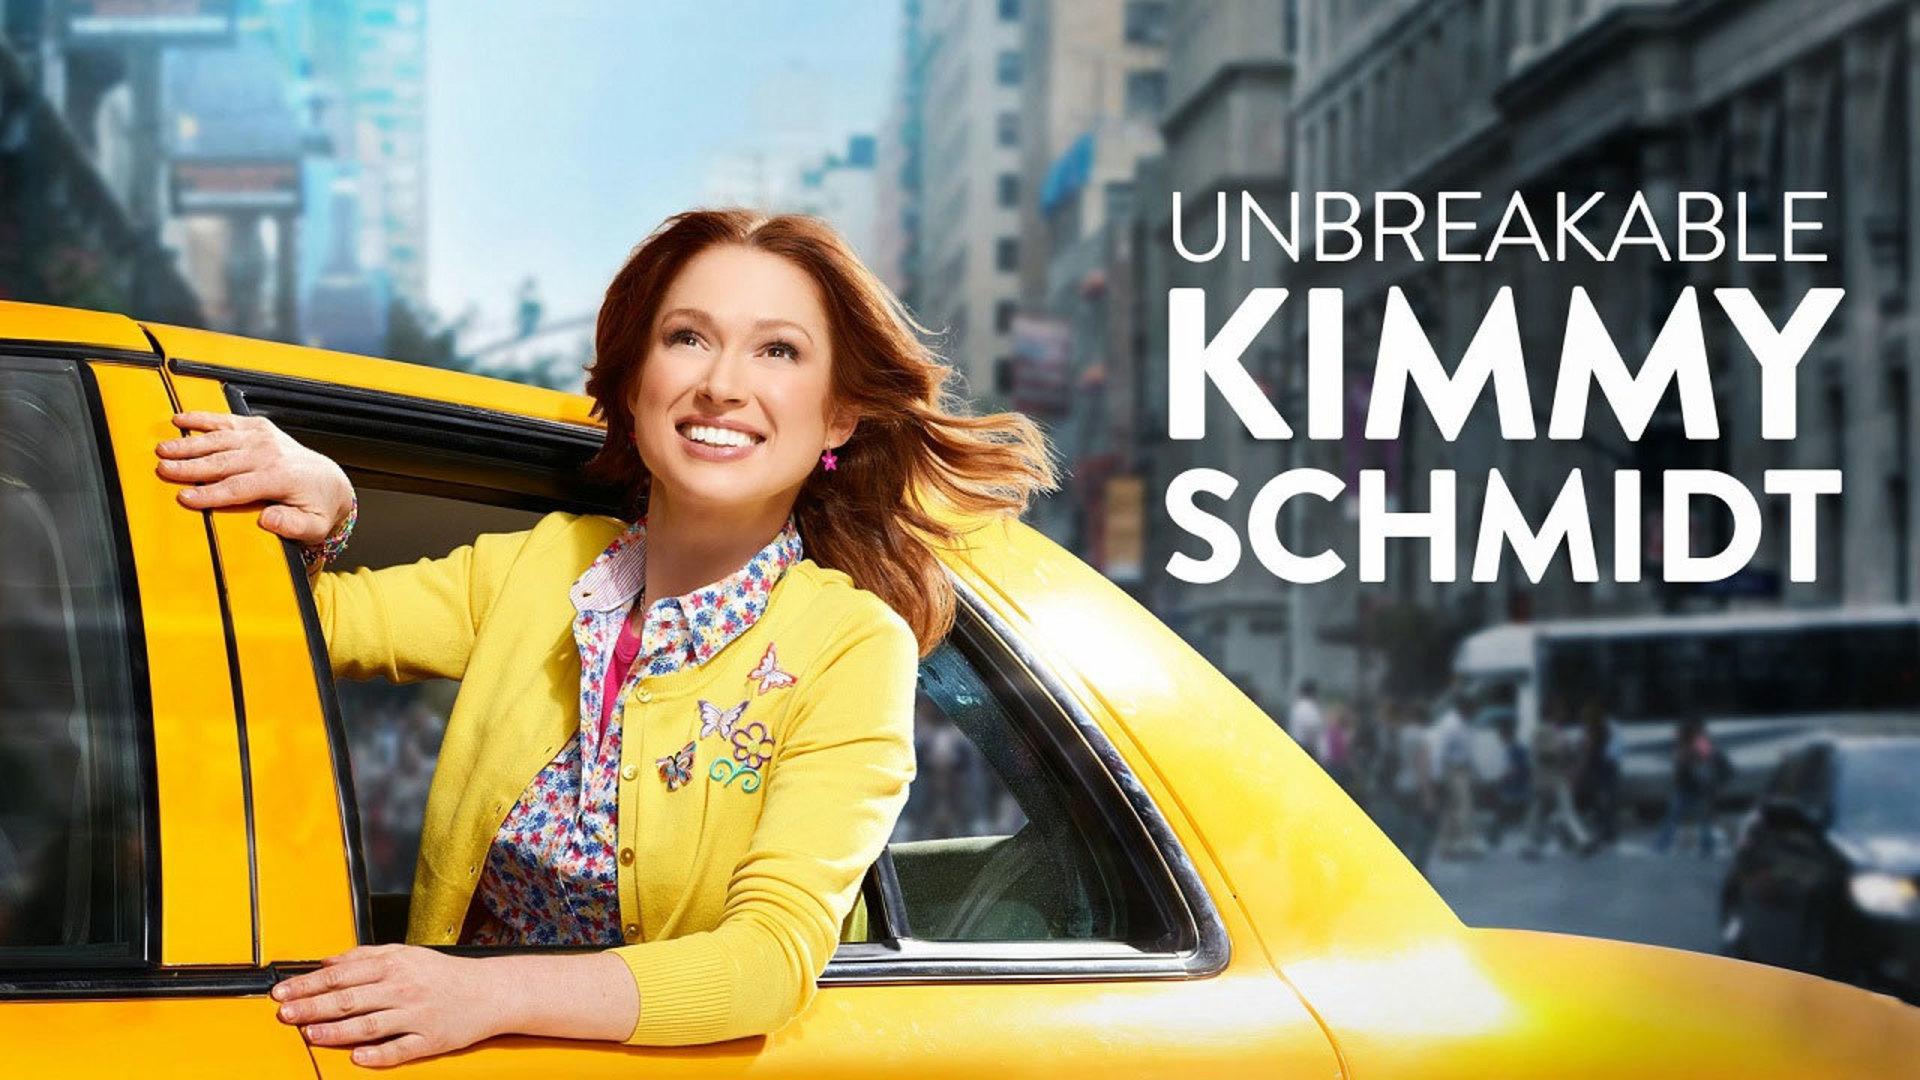 'Unbreakable Kimmy Schmidt', es la nueva comedia de Netflix